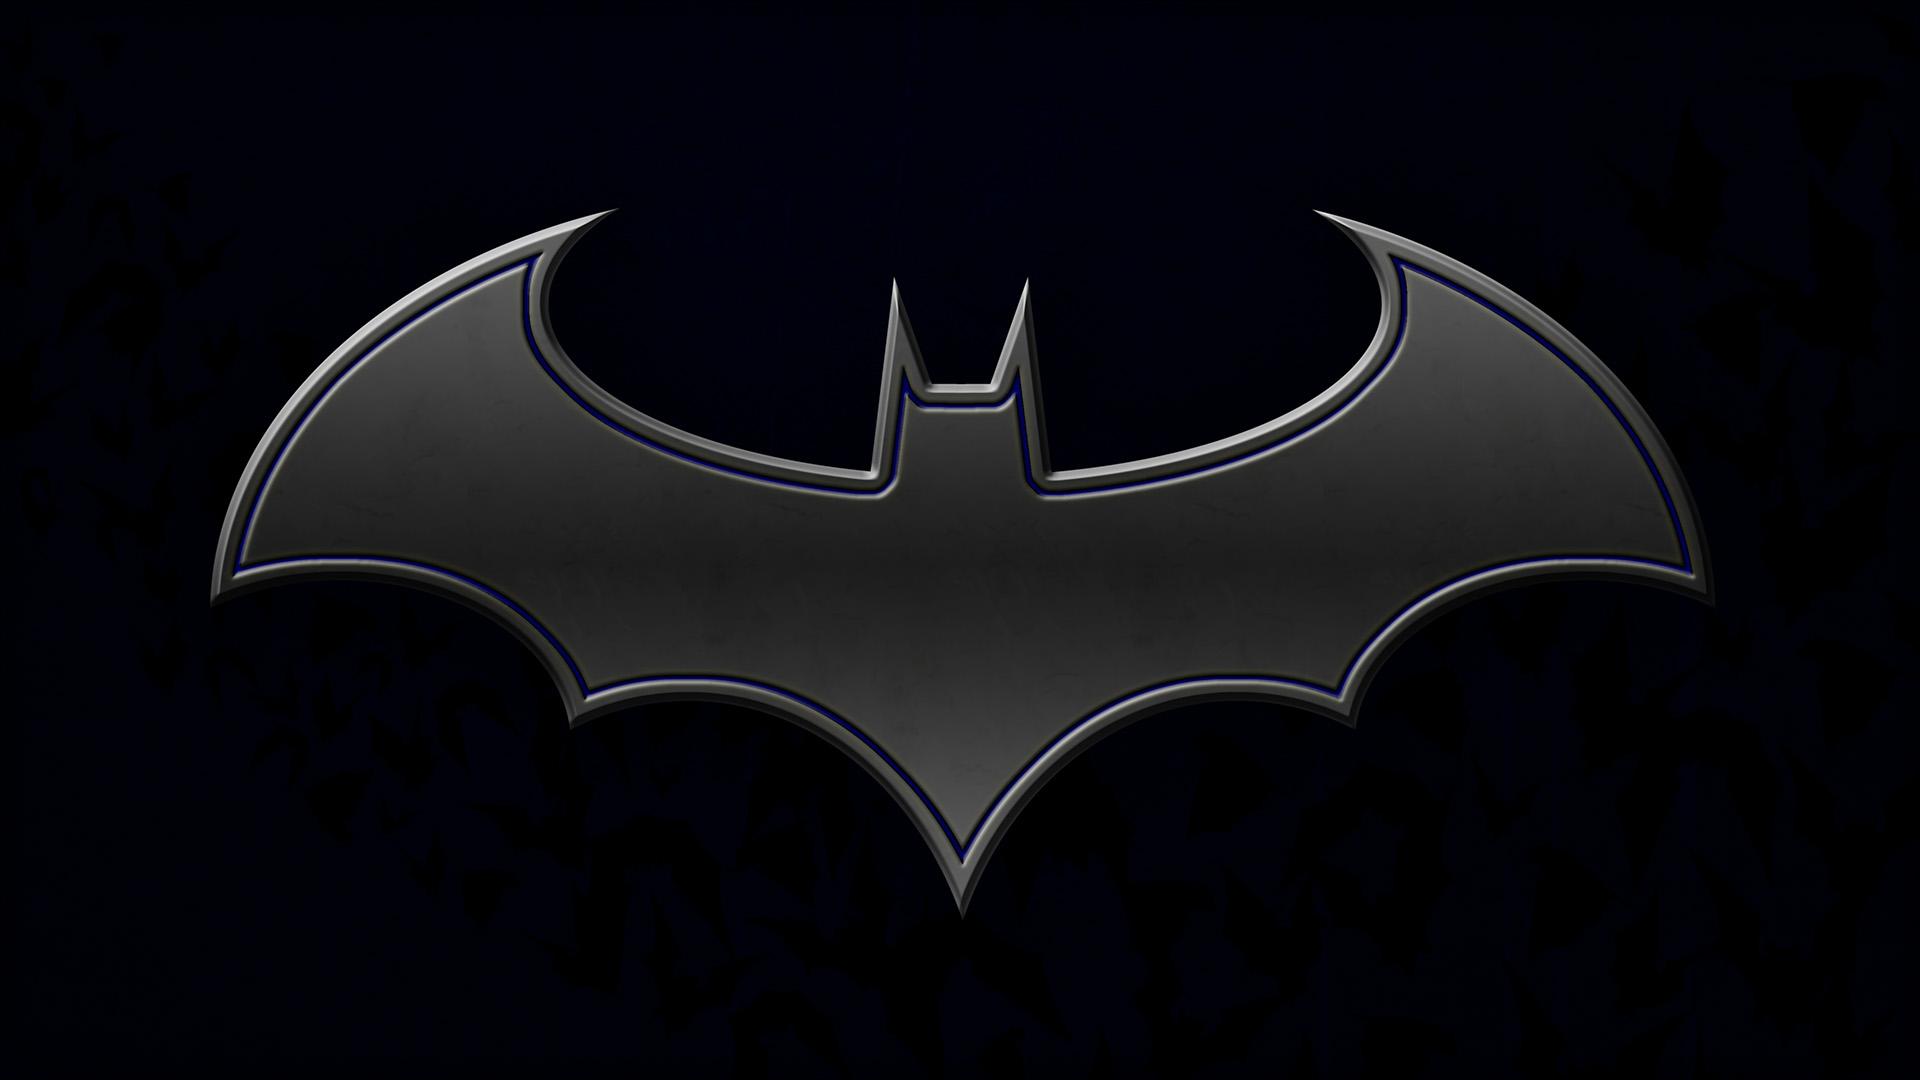 Wallpaper iphone rov - Batman Logo Hd Wallpaper Wallpapers55 Com Best Wallpapers For Pcs